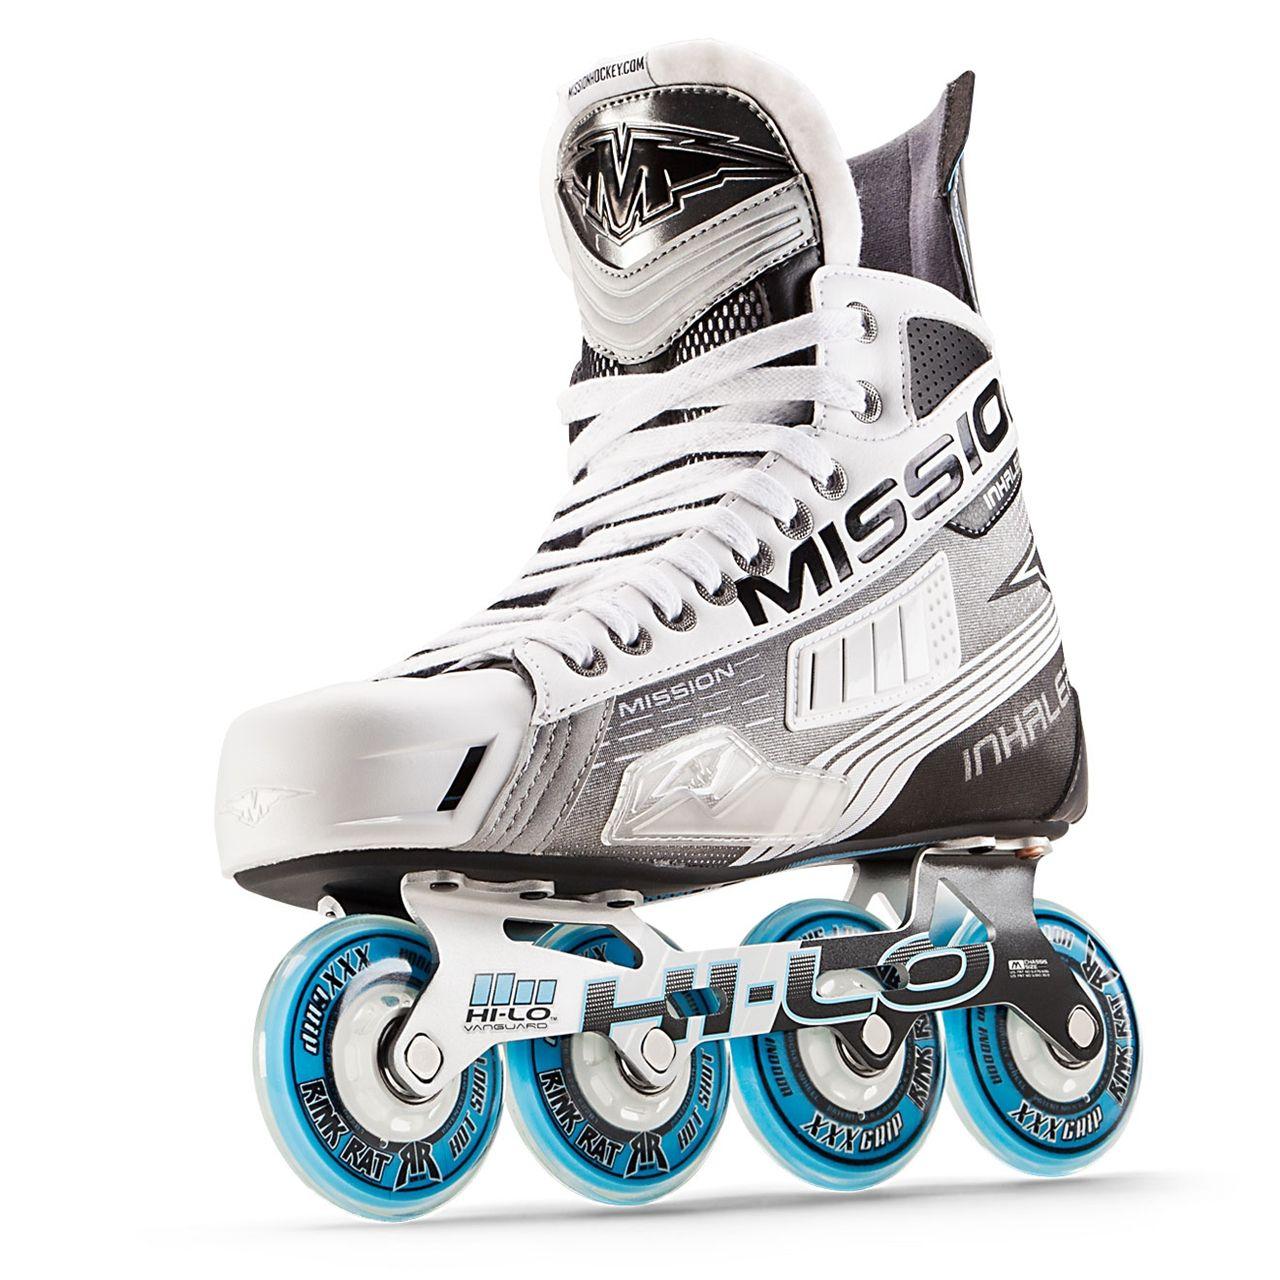 20 Beliebte Sensationelle Street Hockey Skates Bauer Wird Schlag Ihre Meinung Rollschuhe Eishockey Hockey Ausrustung